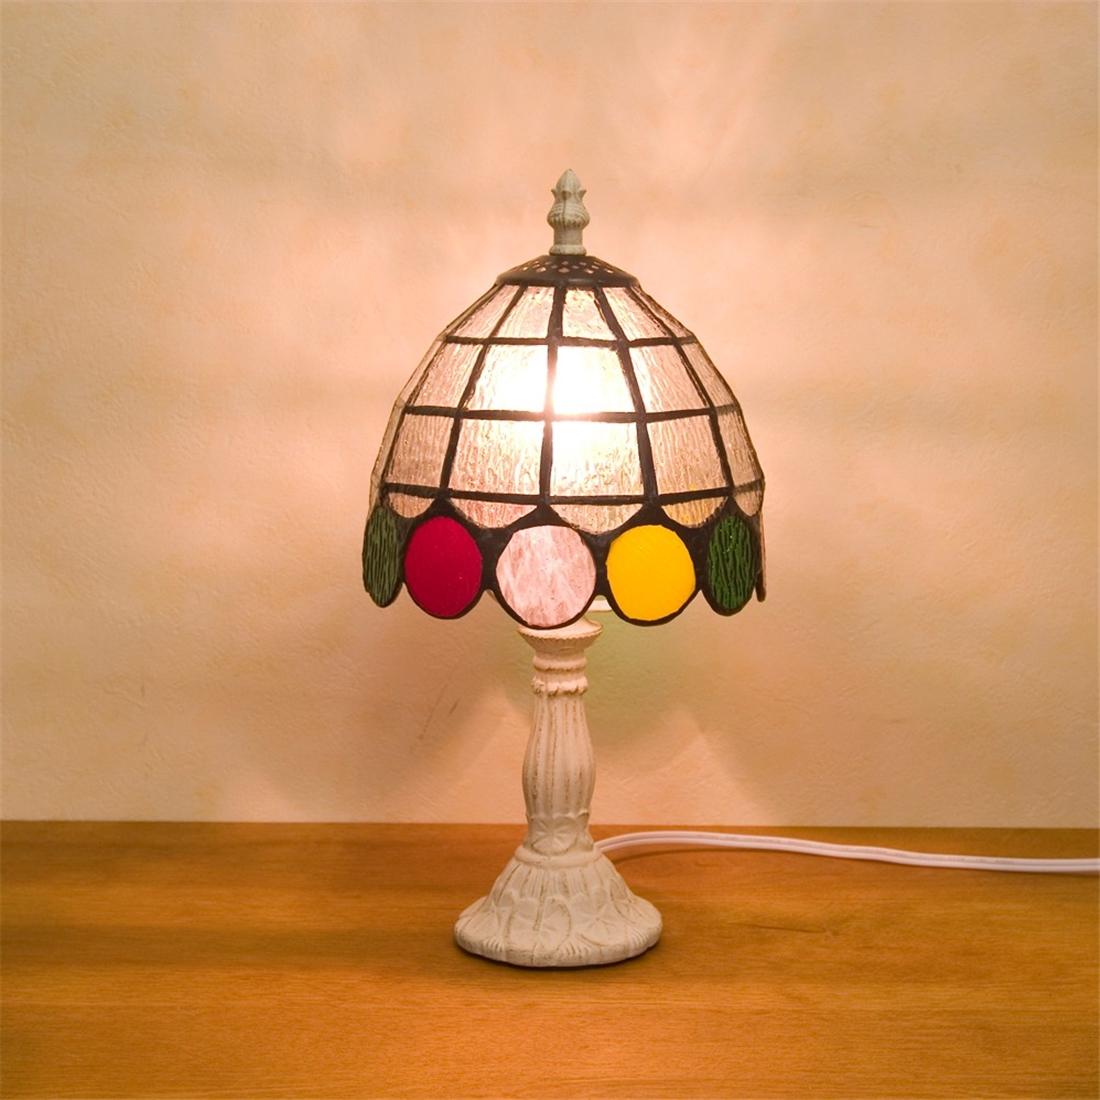 置照明 ティファニー テーブルランプ [ドット(1灯)][E12/水雷型]お得 な 送料無料 人気 トレンド 雑貨 おしゃれ